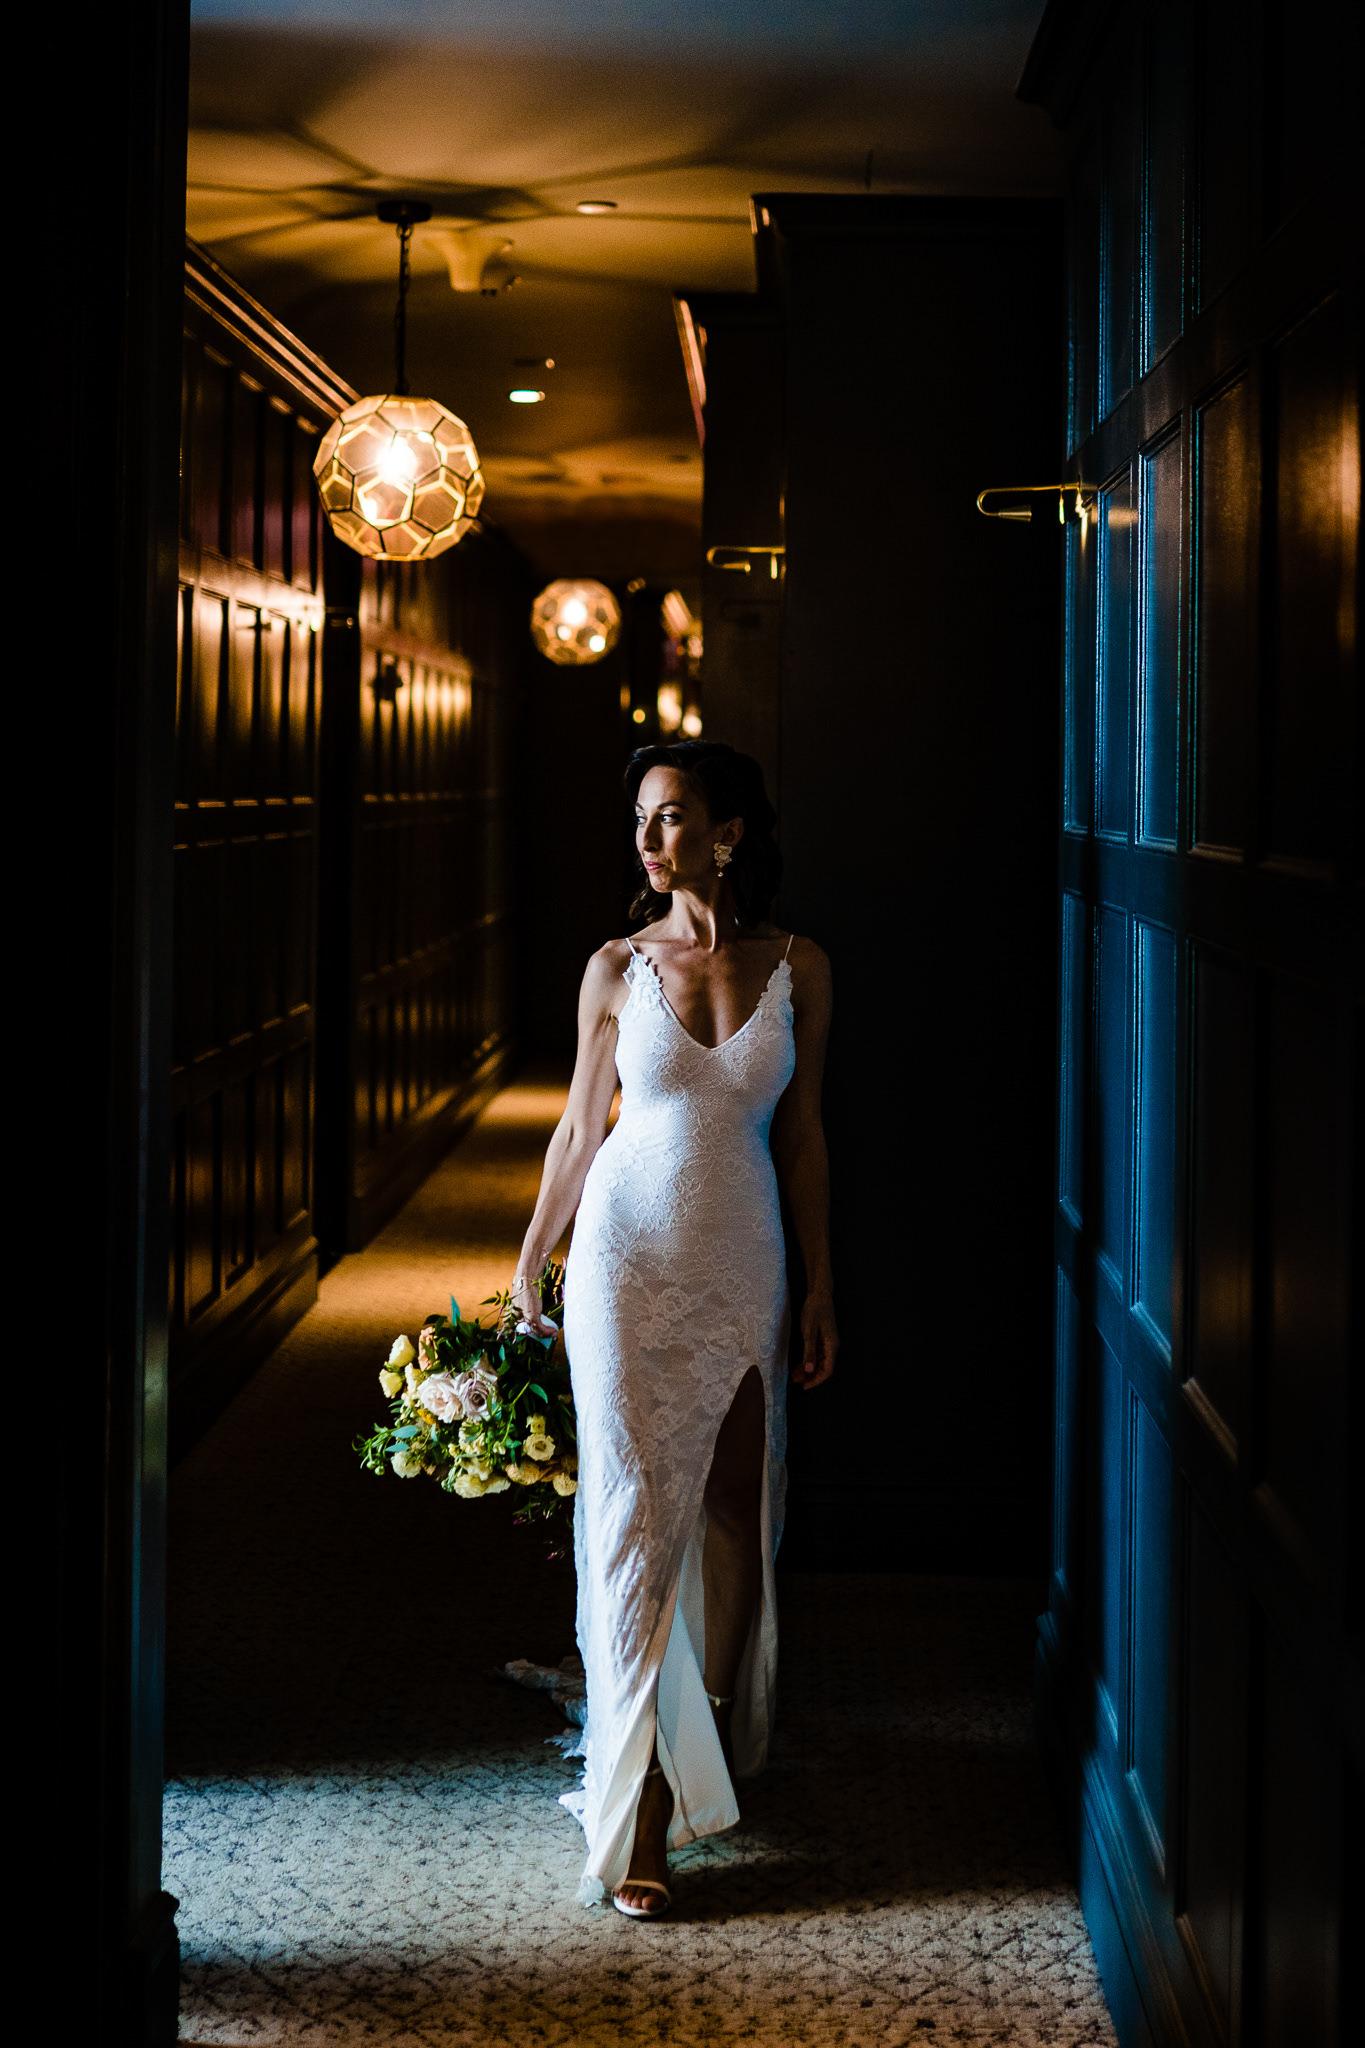 Bride interior portrait in dark hallway - photo by John Winter Photography